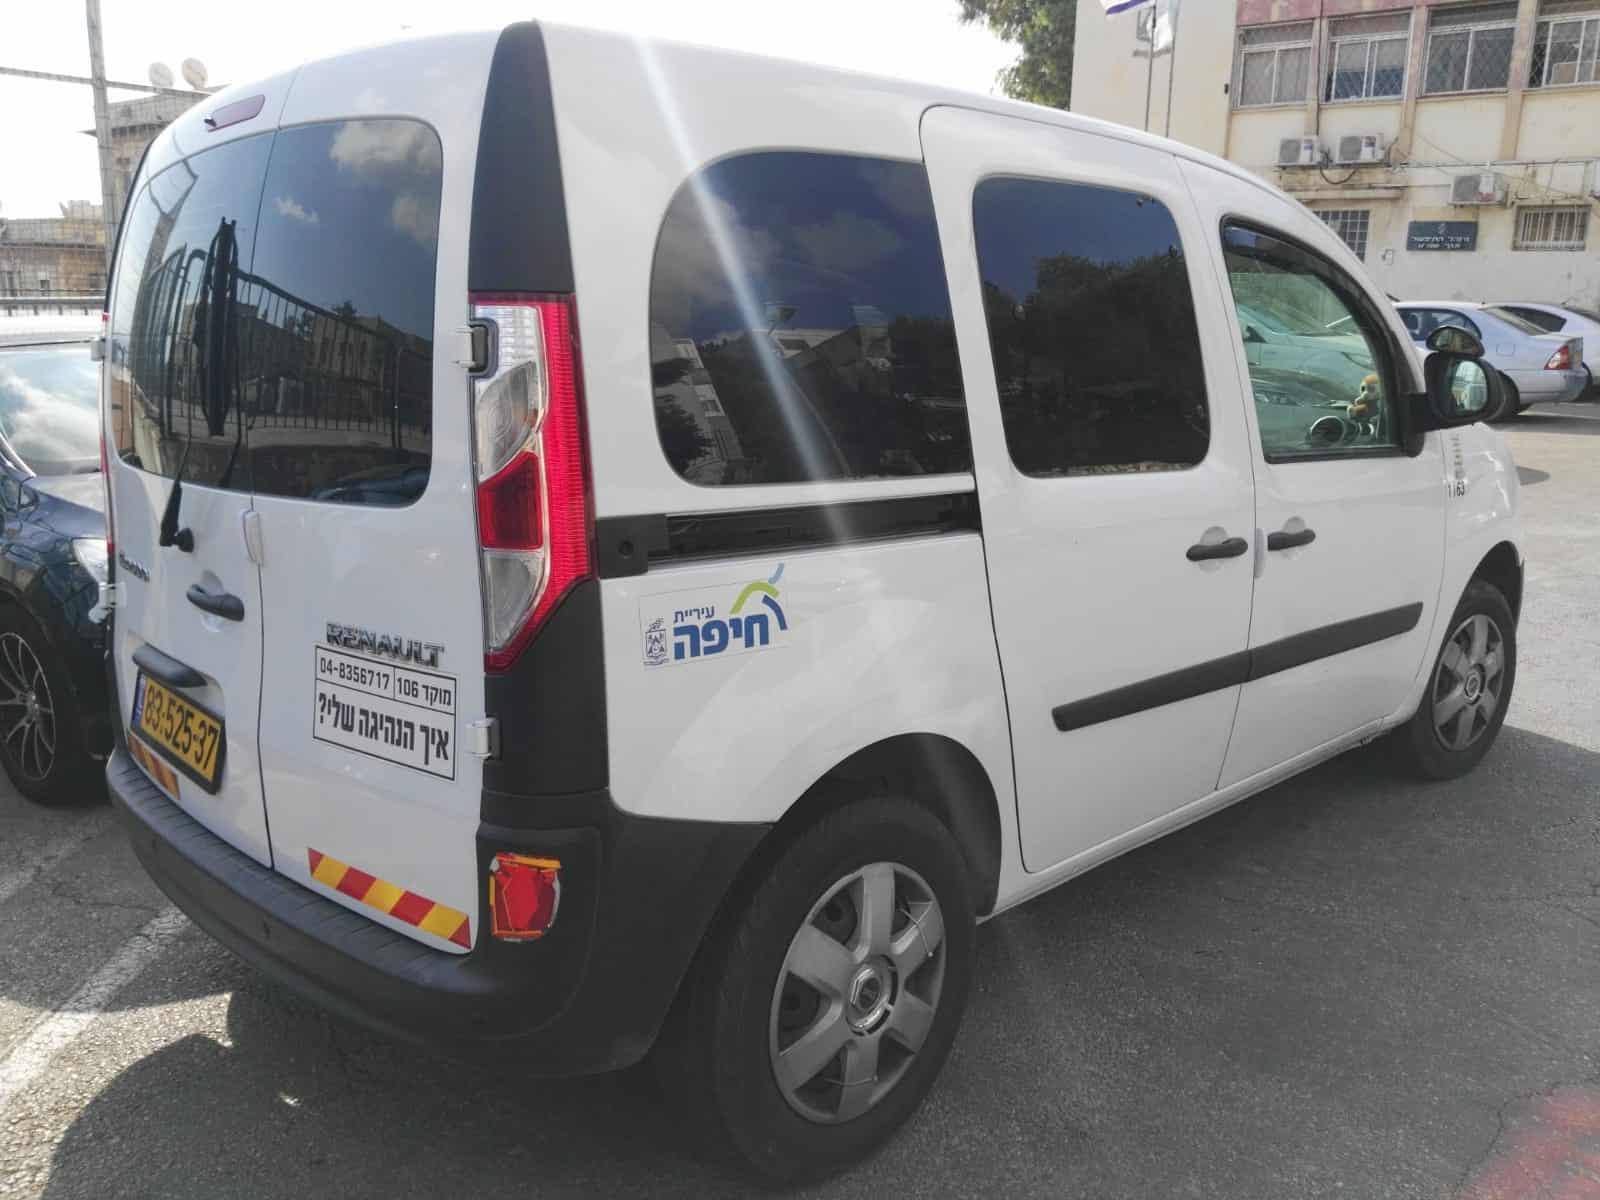 עיריית חיפה: רכבי תפעול של העיריה יאמצו טכנולוגיה חדשנית